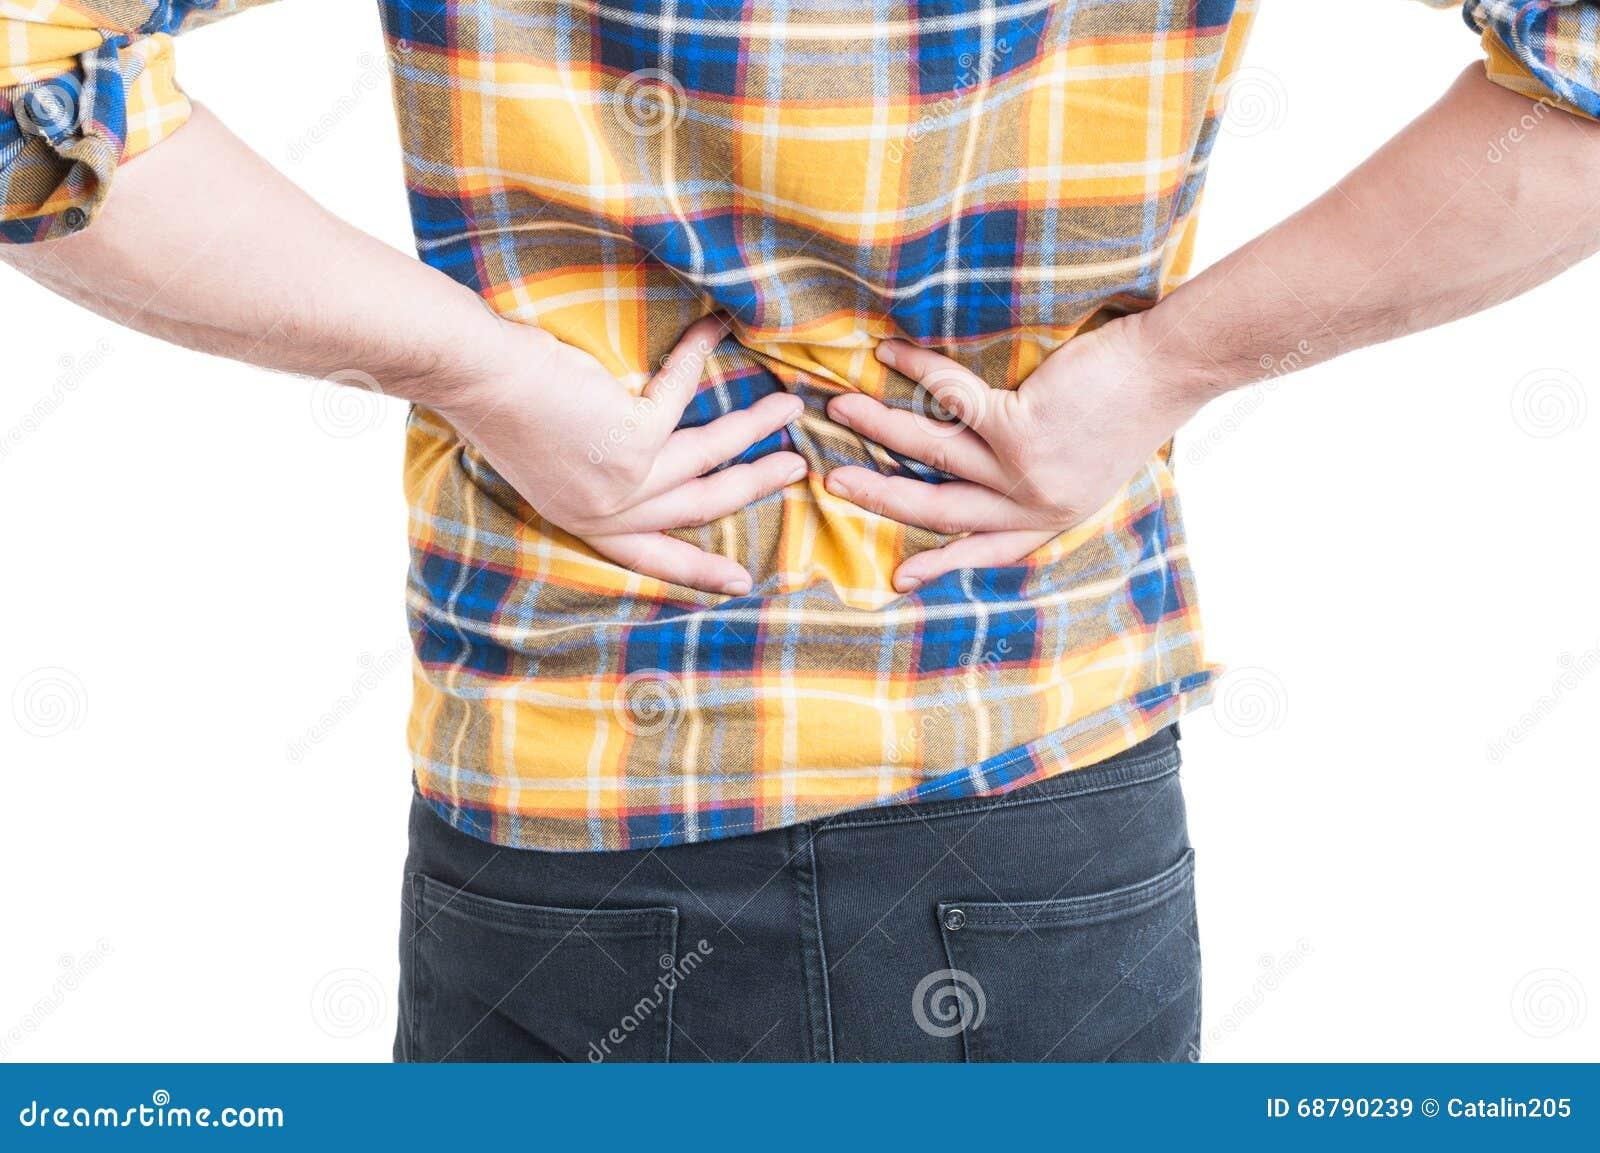 Gancho agarrador del hombre joven el suyo detrás porque dolor lombar